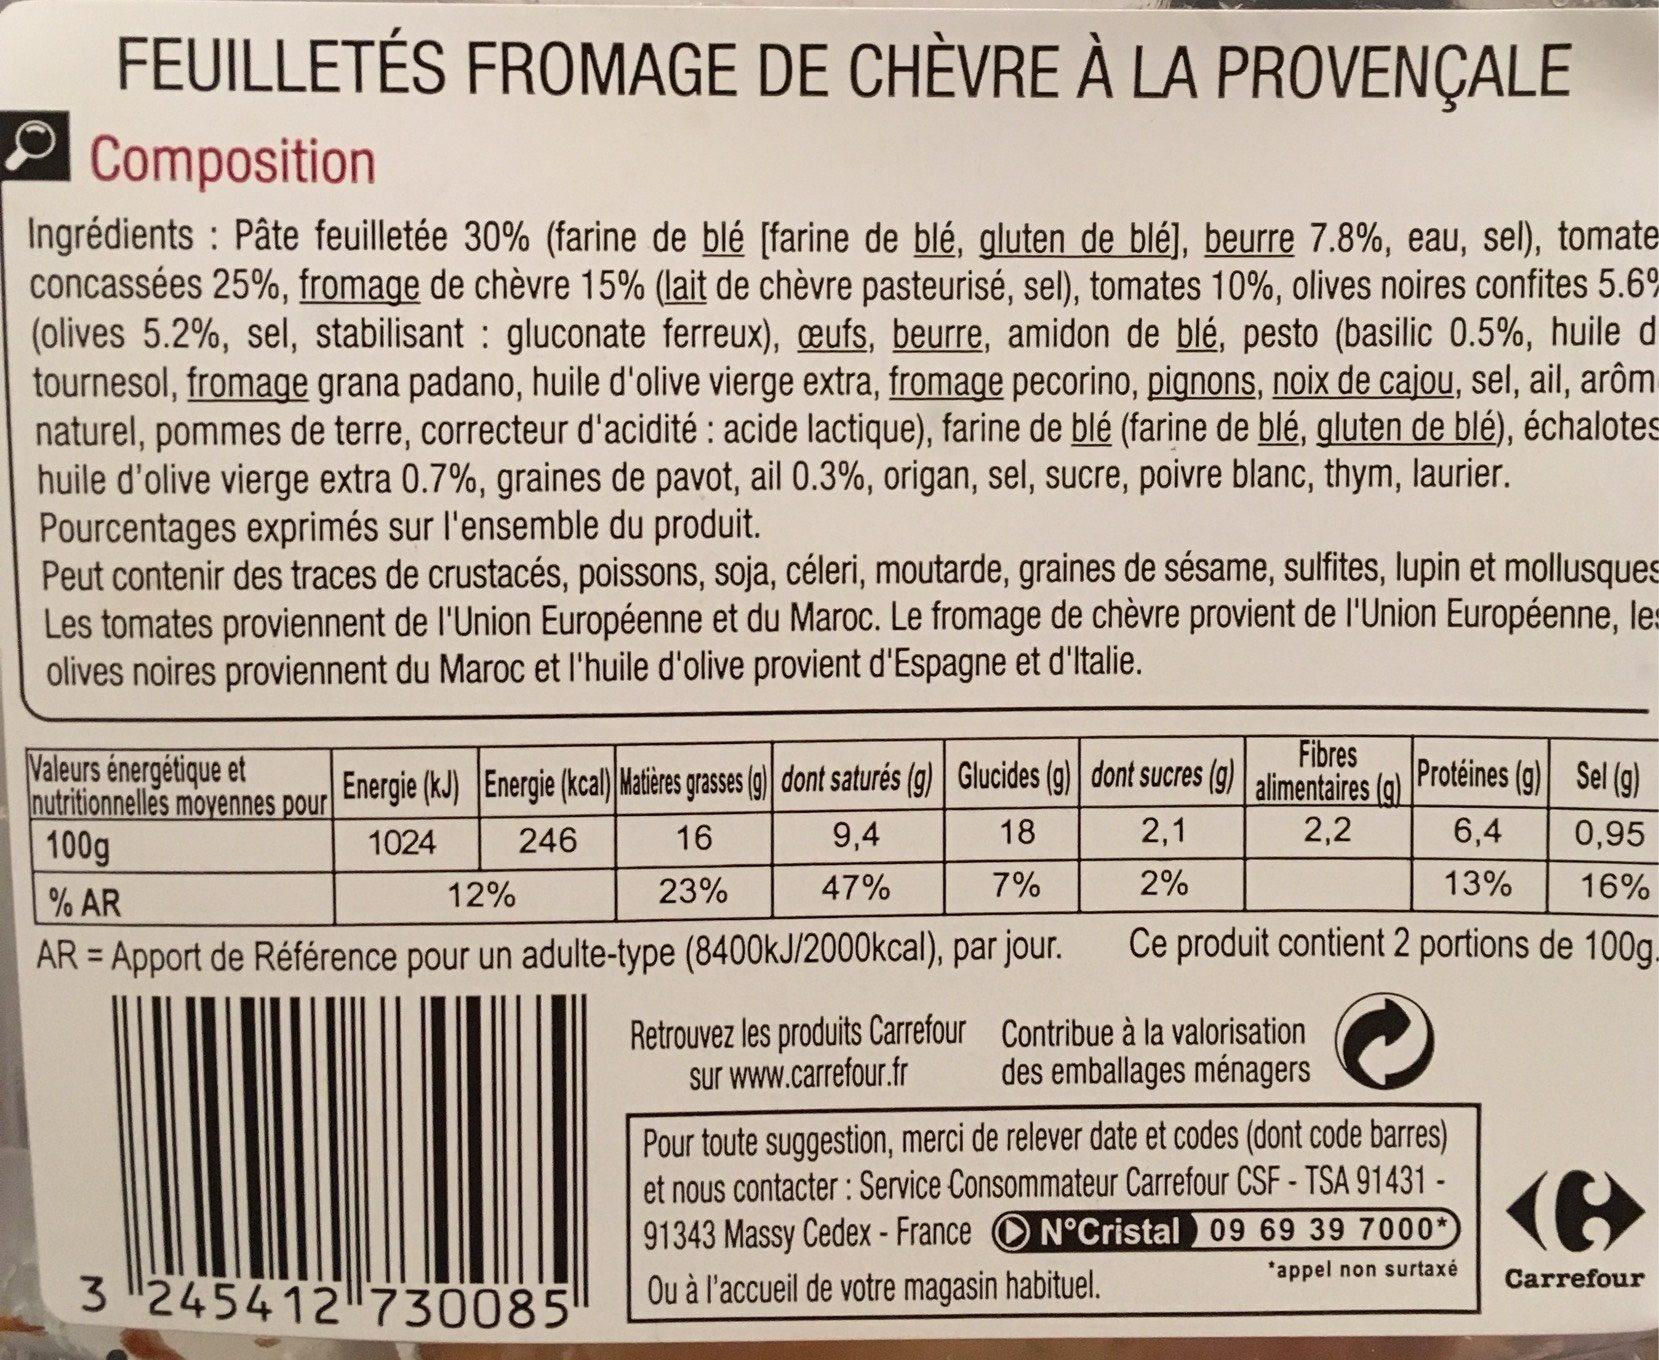 feuillete fromage de chevre a la provencale - carrefour